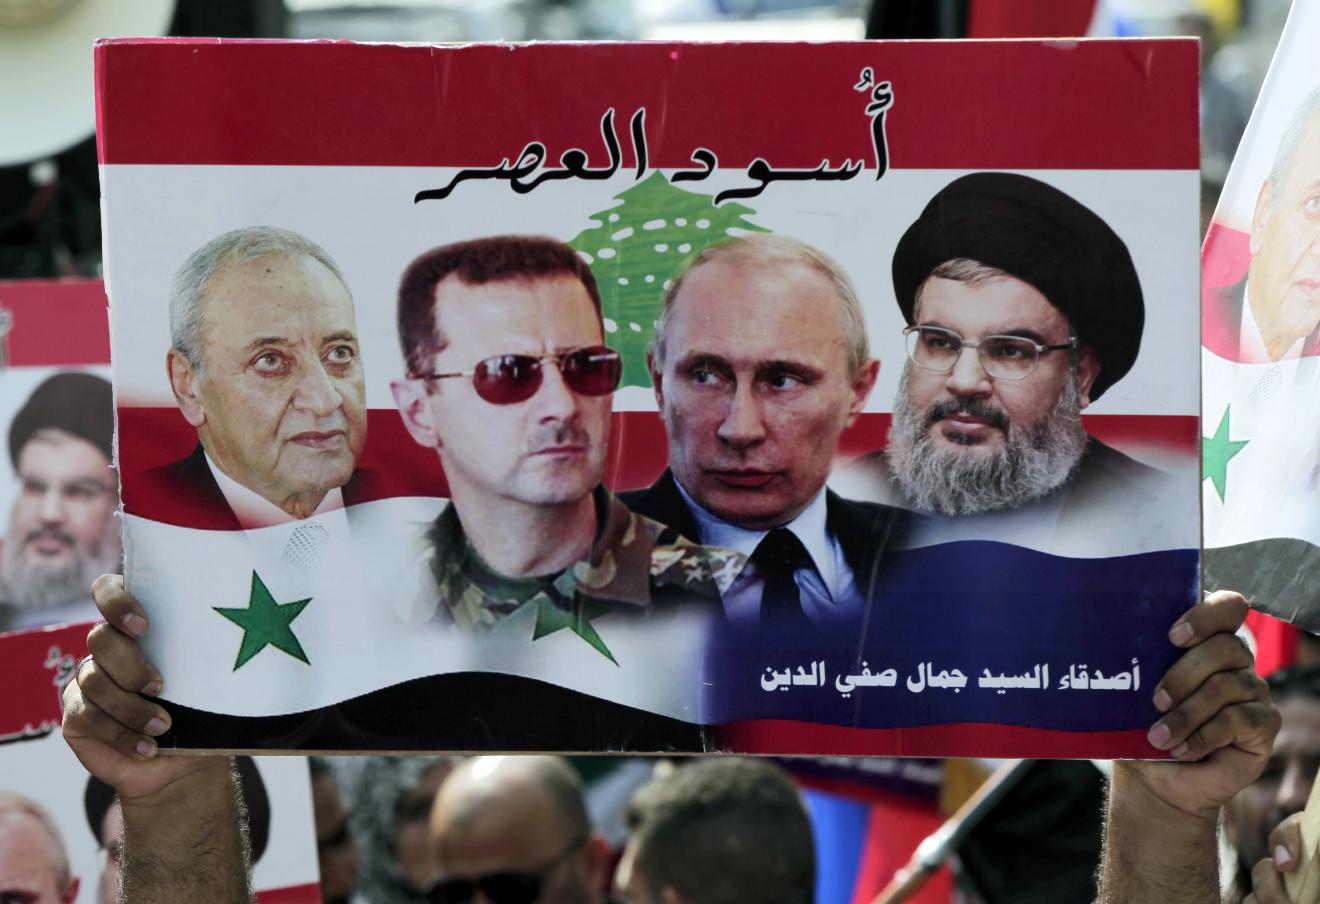 На митинге в поддержку российского вмешательства в Сирии, перед российским посольством в Бейруте.